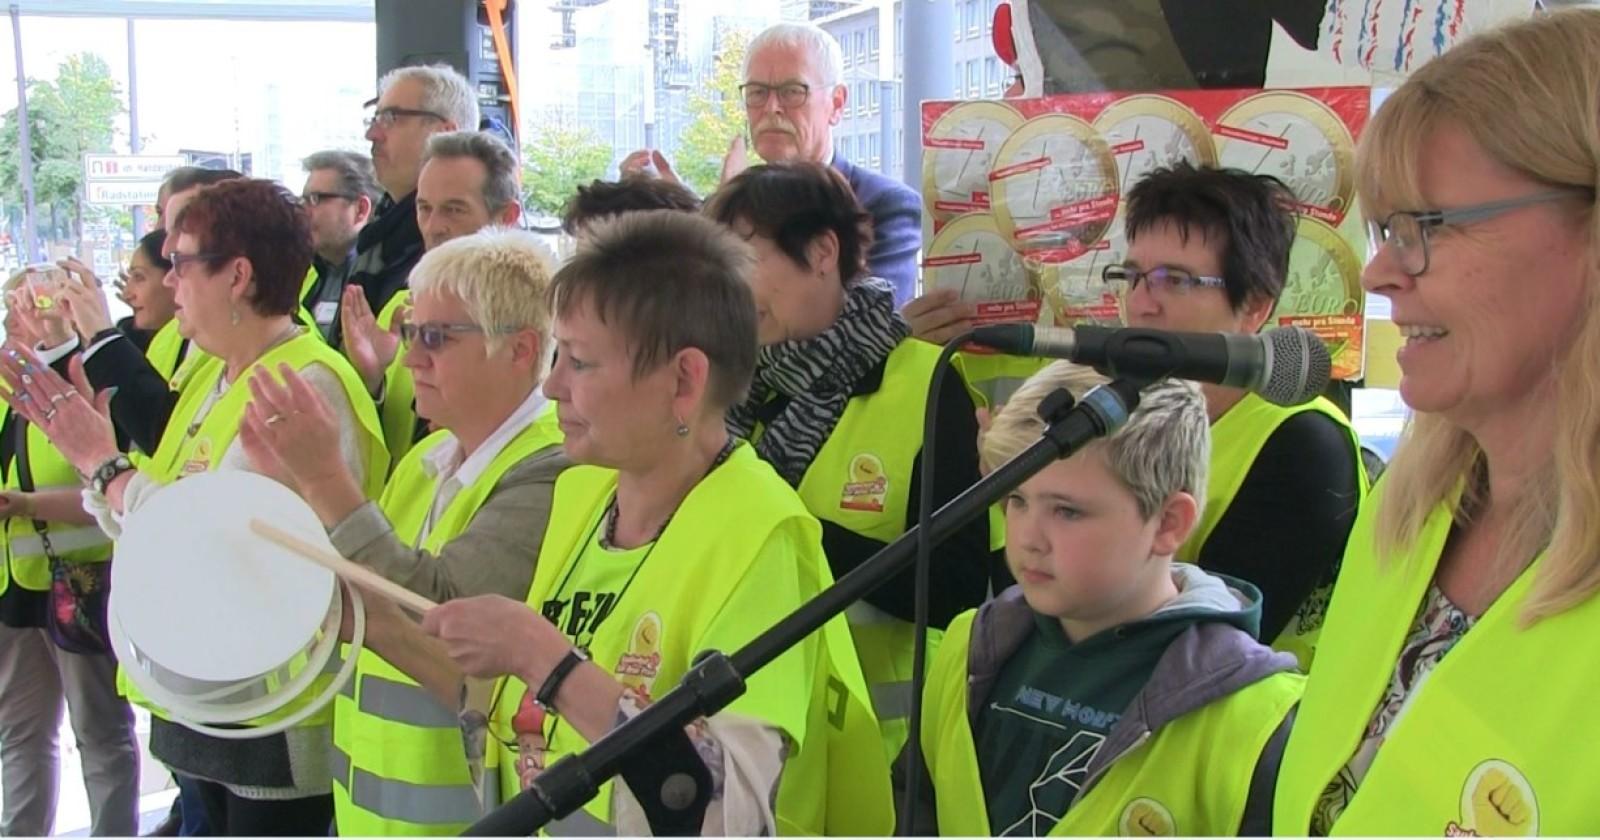 """Video: Kundgebung in Essen - Ulrike Laux: """"Es ist Zeit für Umverteilung"""""""